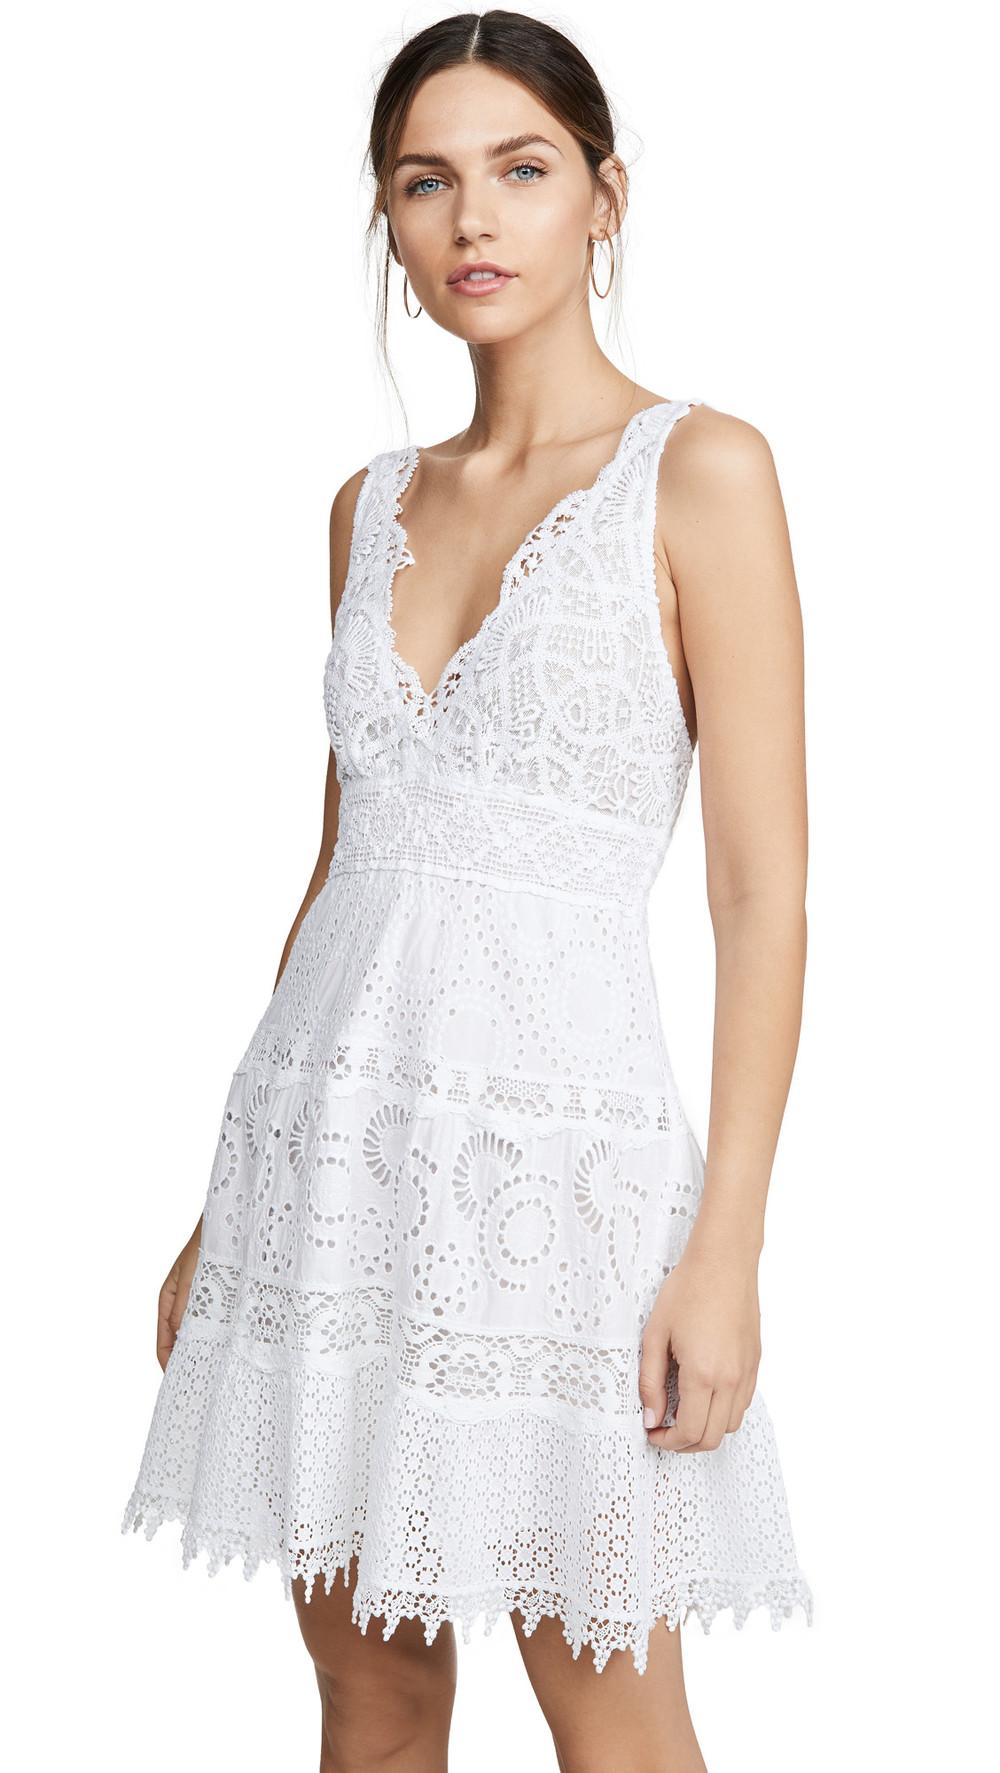 Temptation Positano Viareggio Mini Dress in white